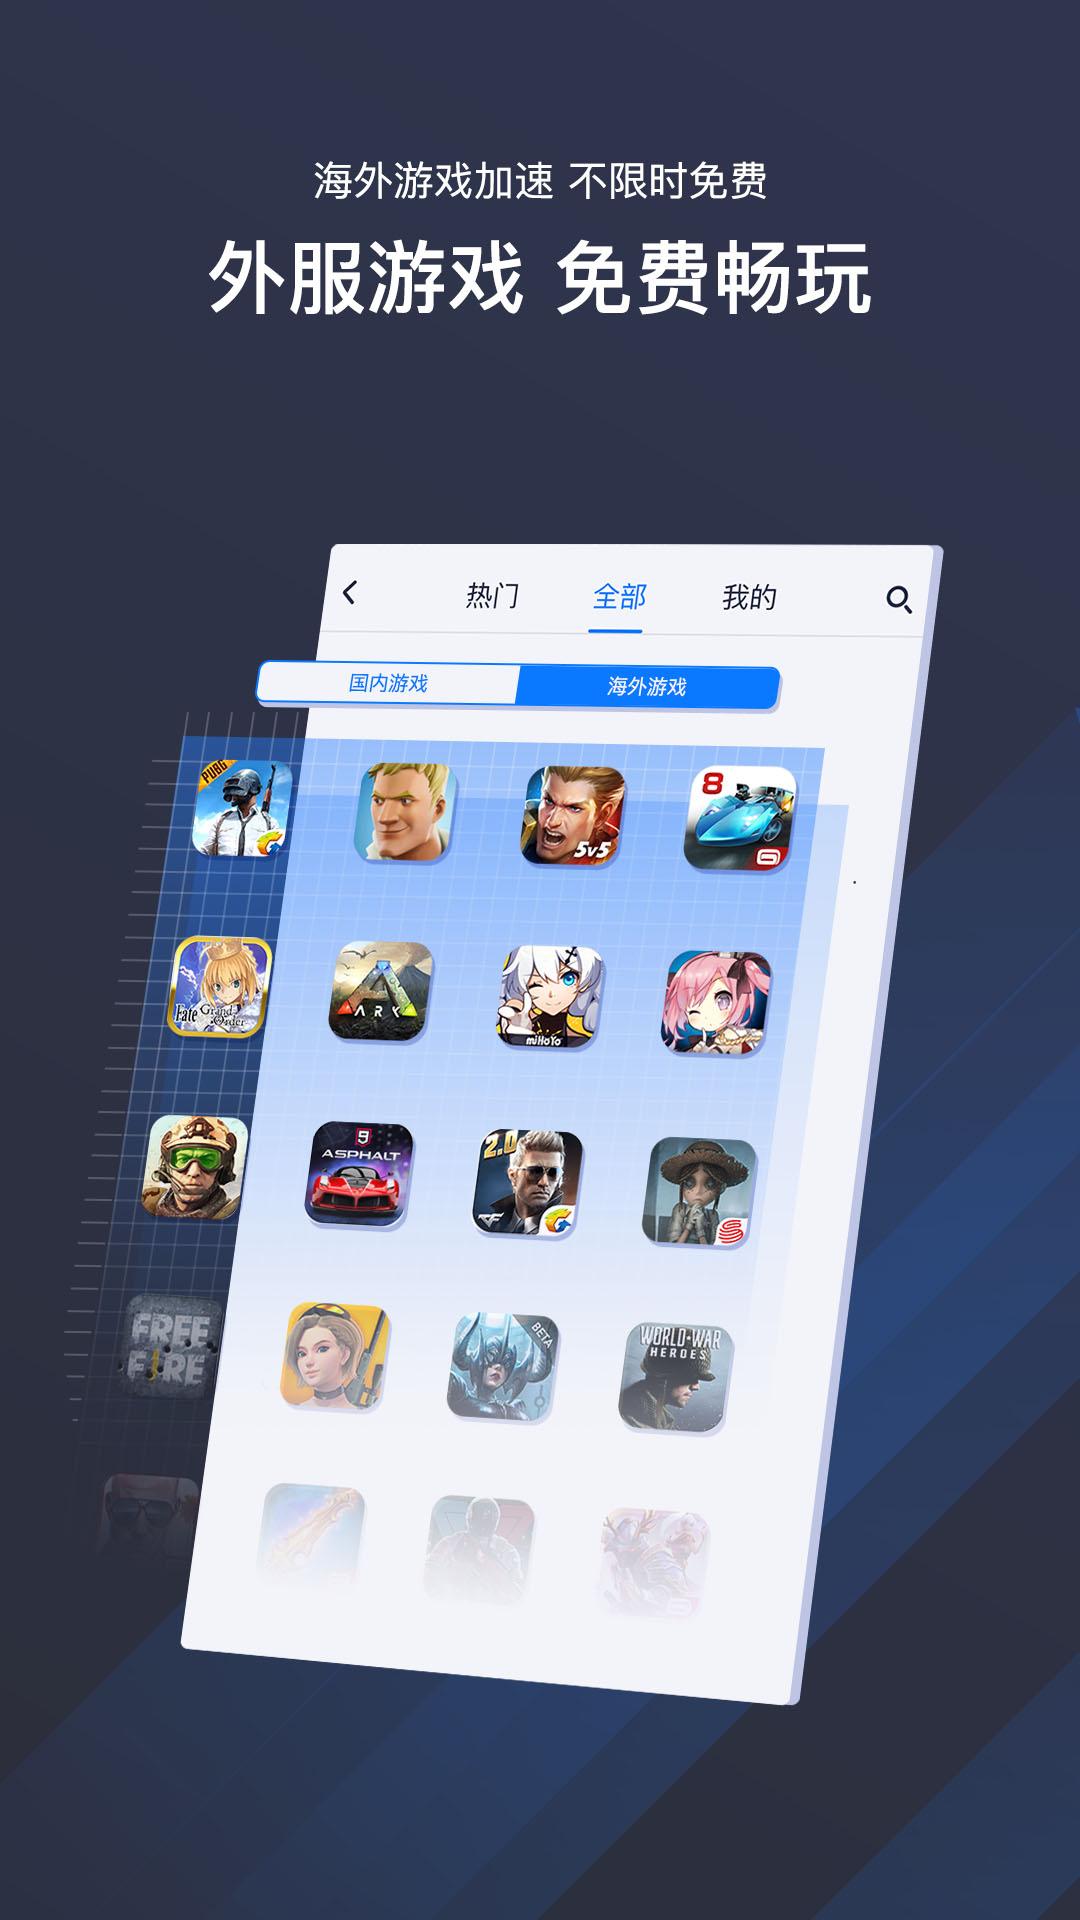 迅游手游加速器 V5.0.2.0 安卓VIP版截图2